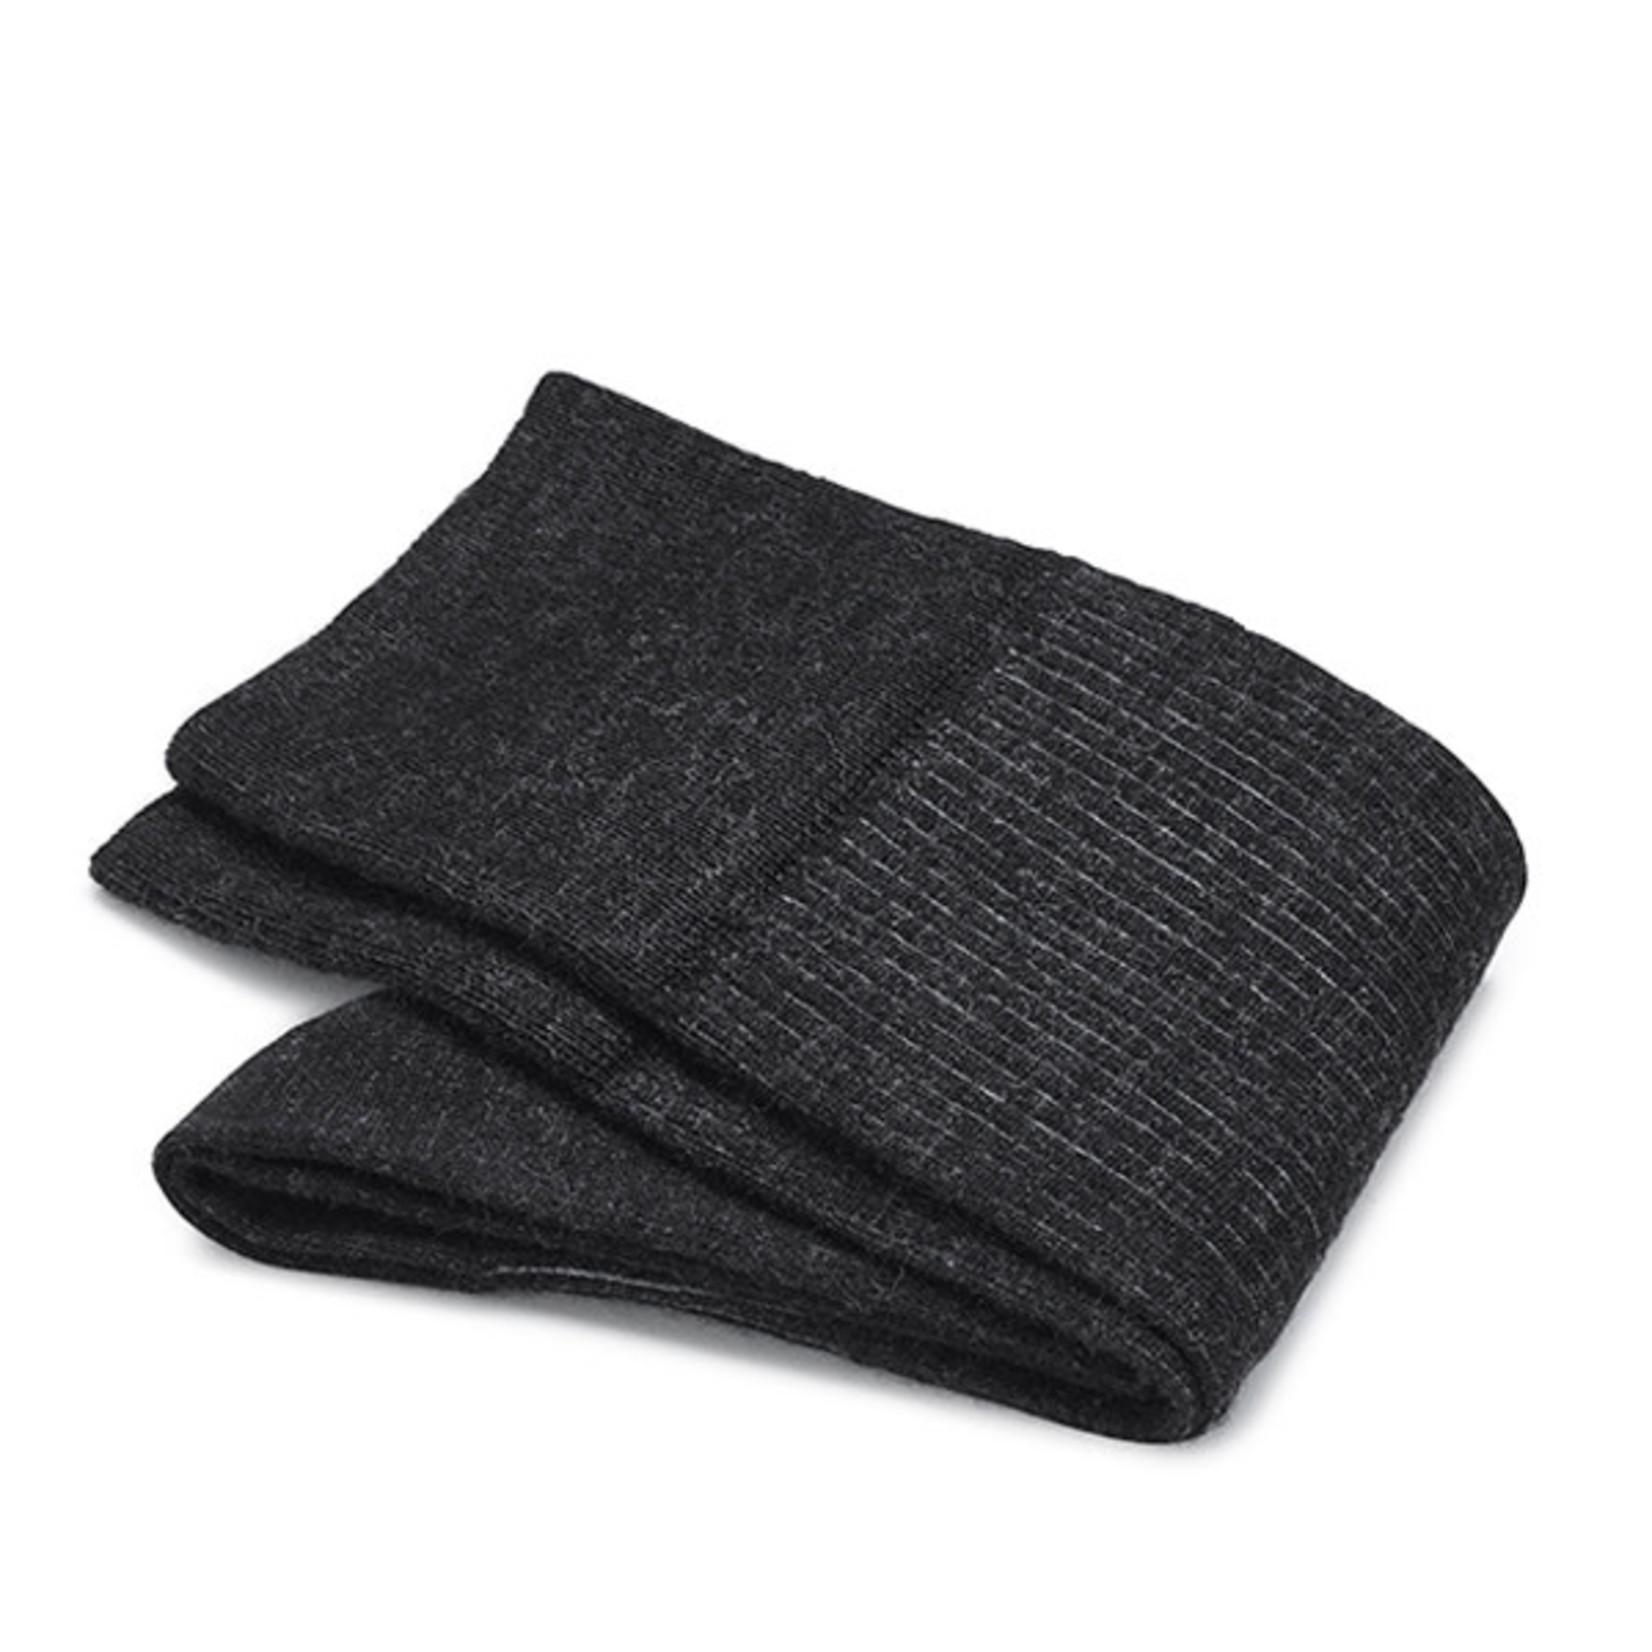 Carlo Lanza korte sokken wol antraciet shadow